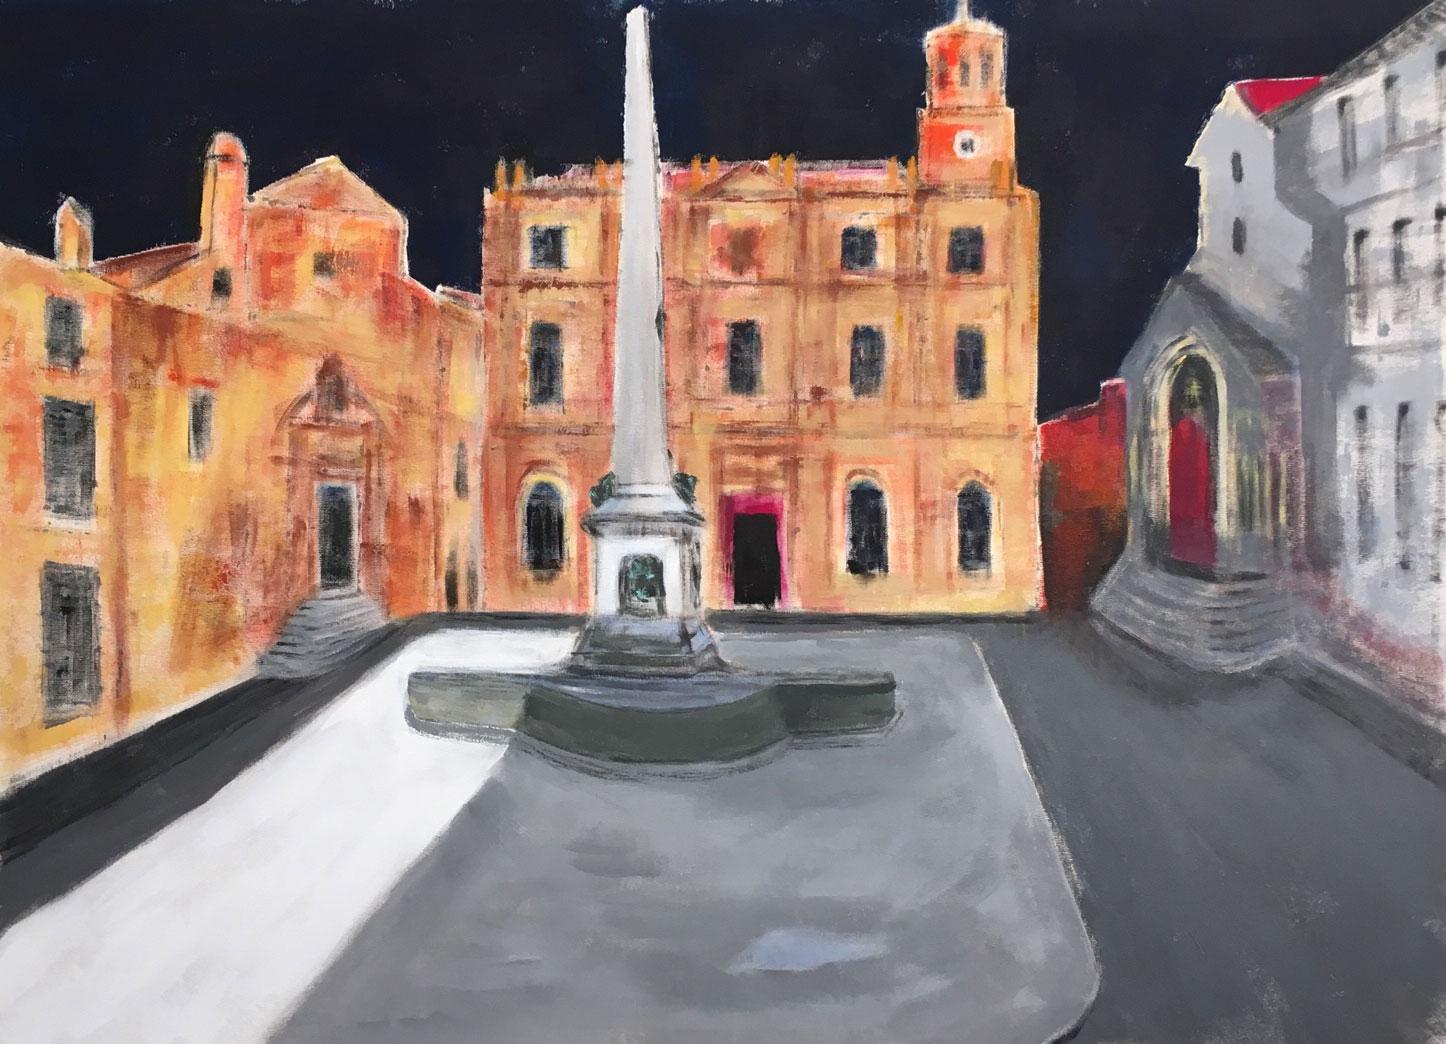 N°4048 - Arles, Hommage à Théo - Acrylique sur toile - 100 x 140 cm - 19 décembre 2017